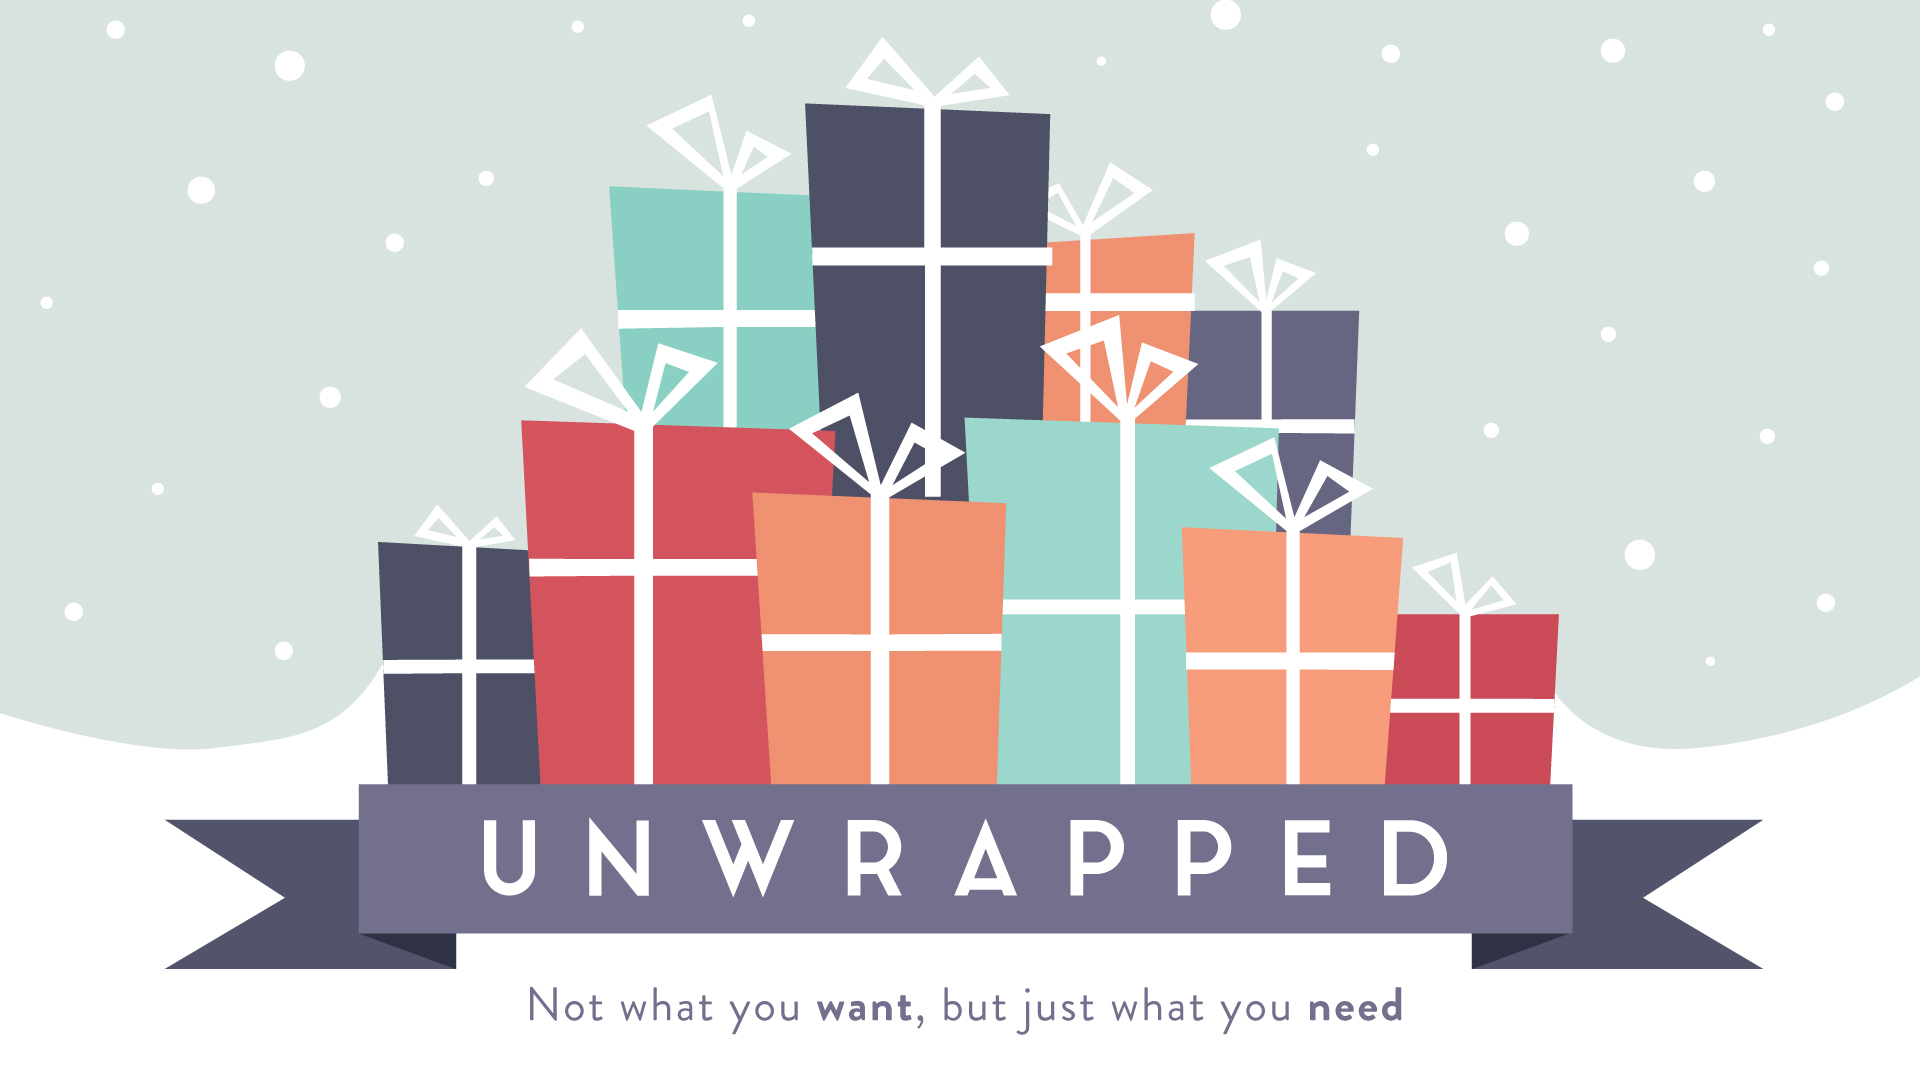 UnwrappedTagline_1920x1080.jpg